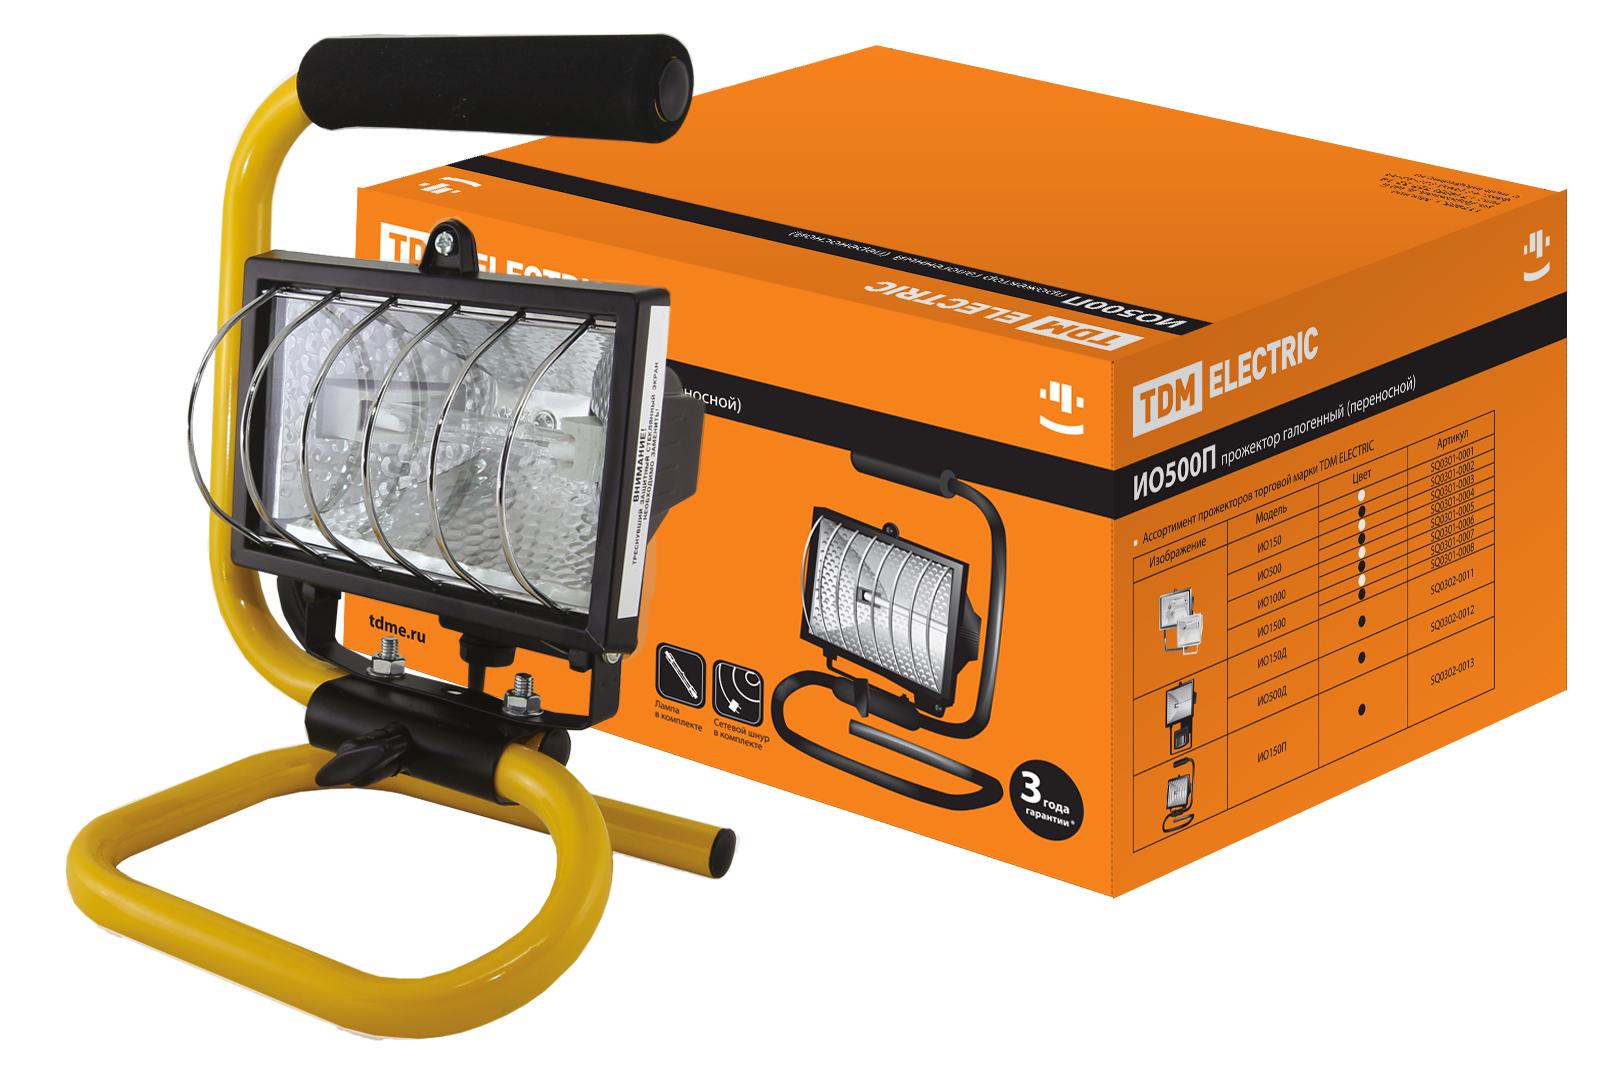 Прожектор ТДМПрожекторы<br>Мощность: 500,<br>Количество ламп: 1,<br>Тип лампы: галогенная,<br>Цвет арматуры: черный,<br>Степень защиты от пыли и влаги: IP 54,<br>Тип: переносной,<br>Назначение прожектора: уличный<br>